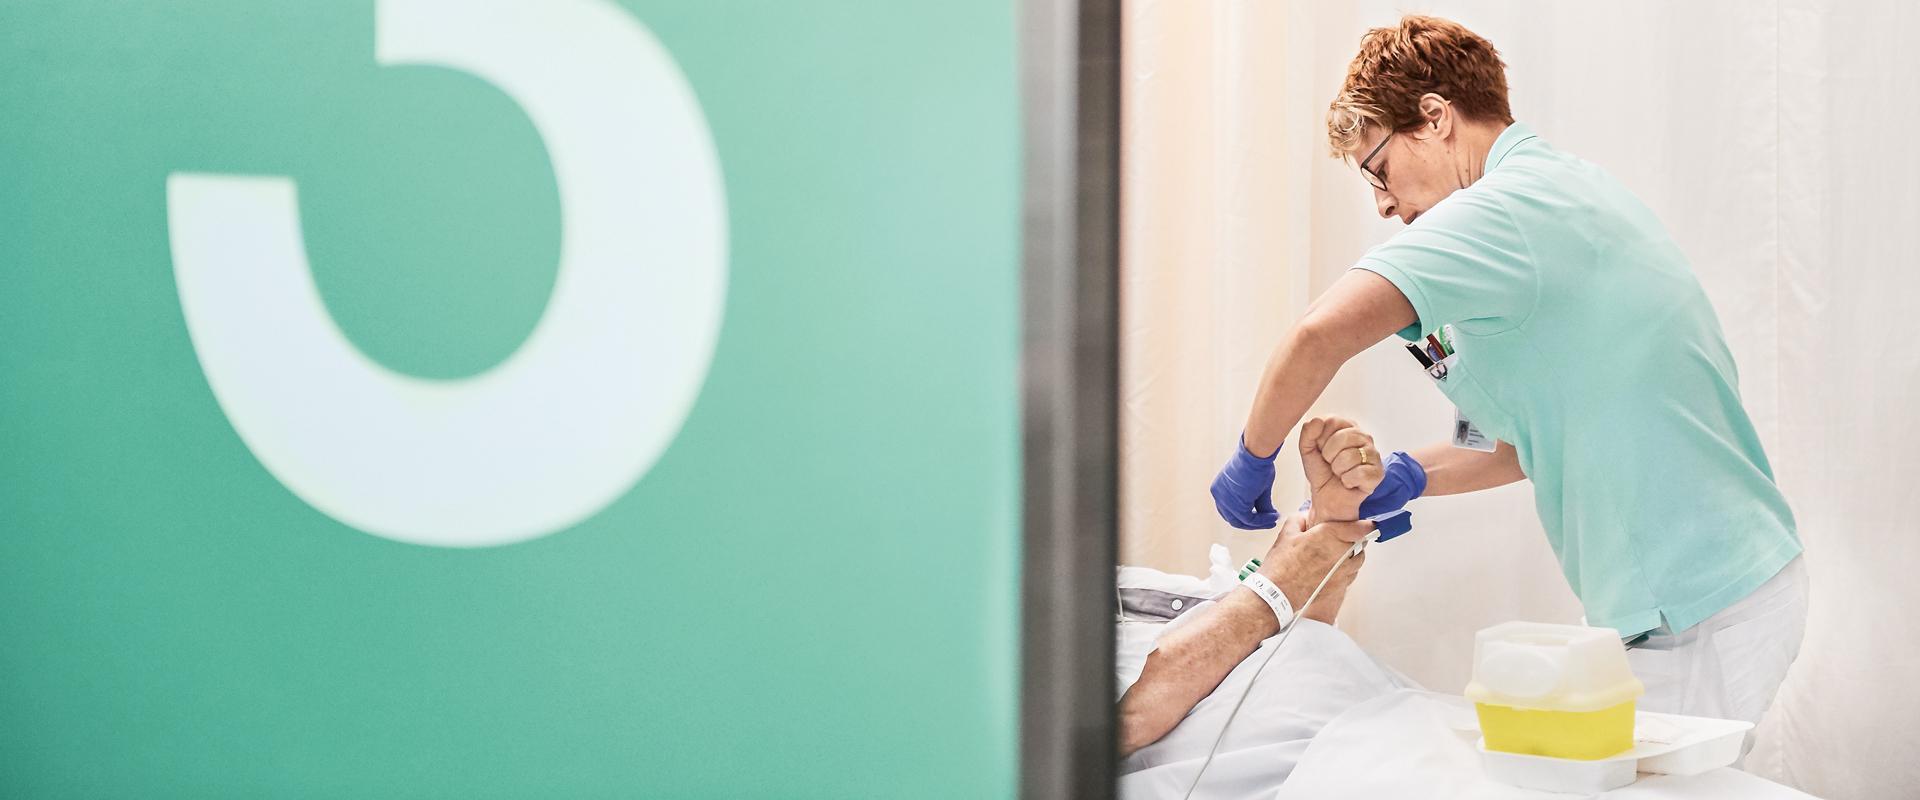 Marianne Hiltbrunner, Pflegefachfrau bei Ihrer Arbeit im Notfallzentrum